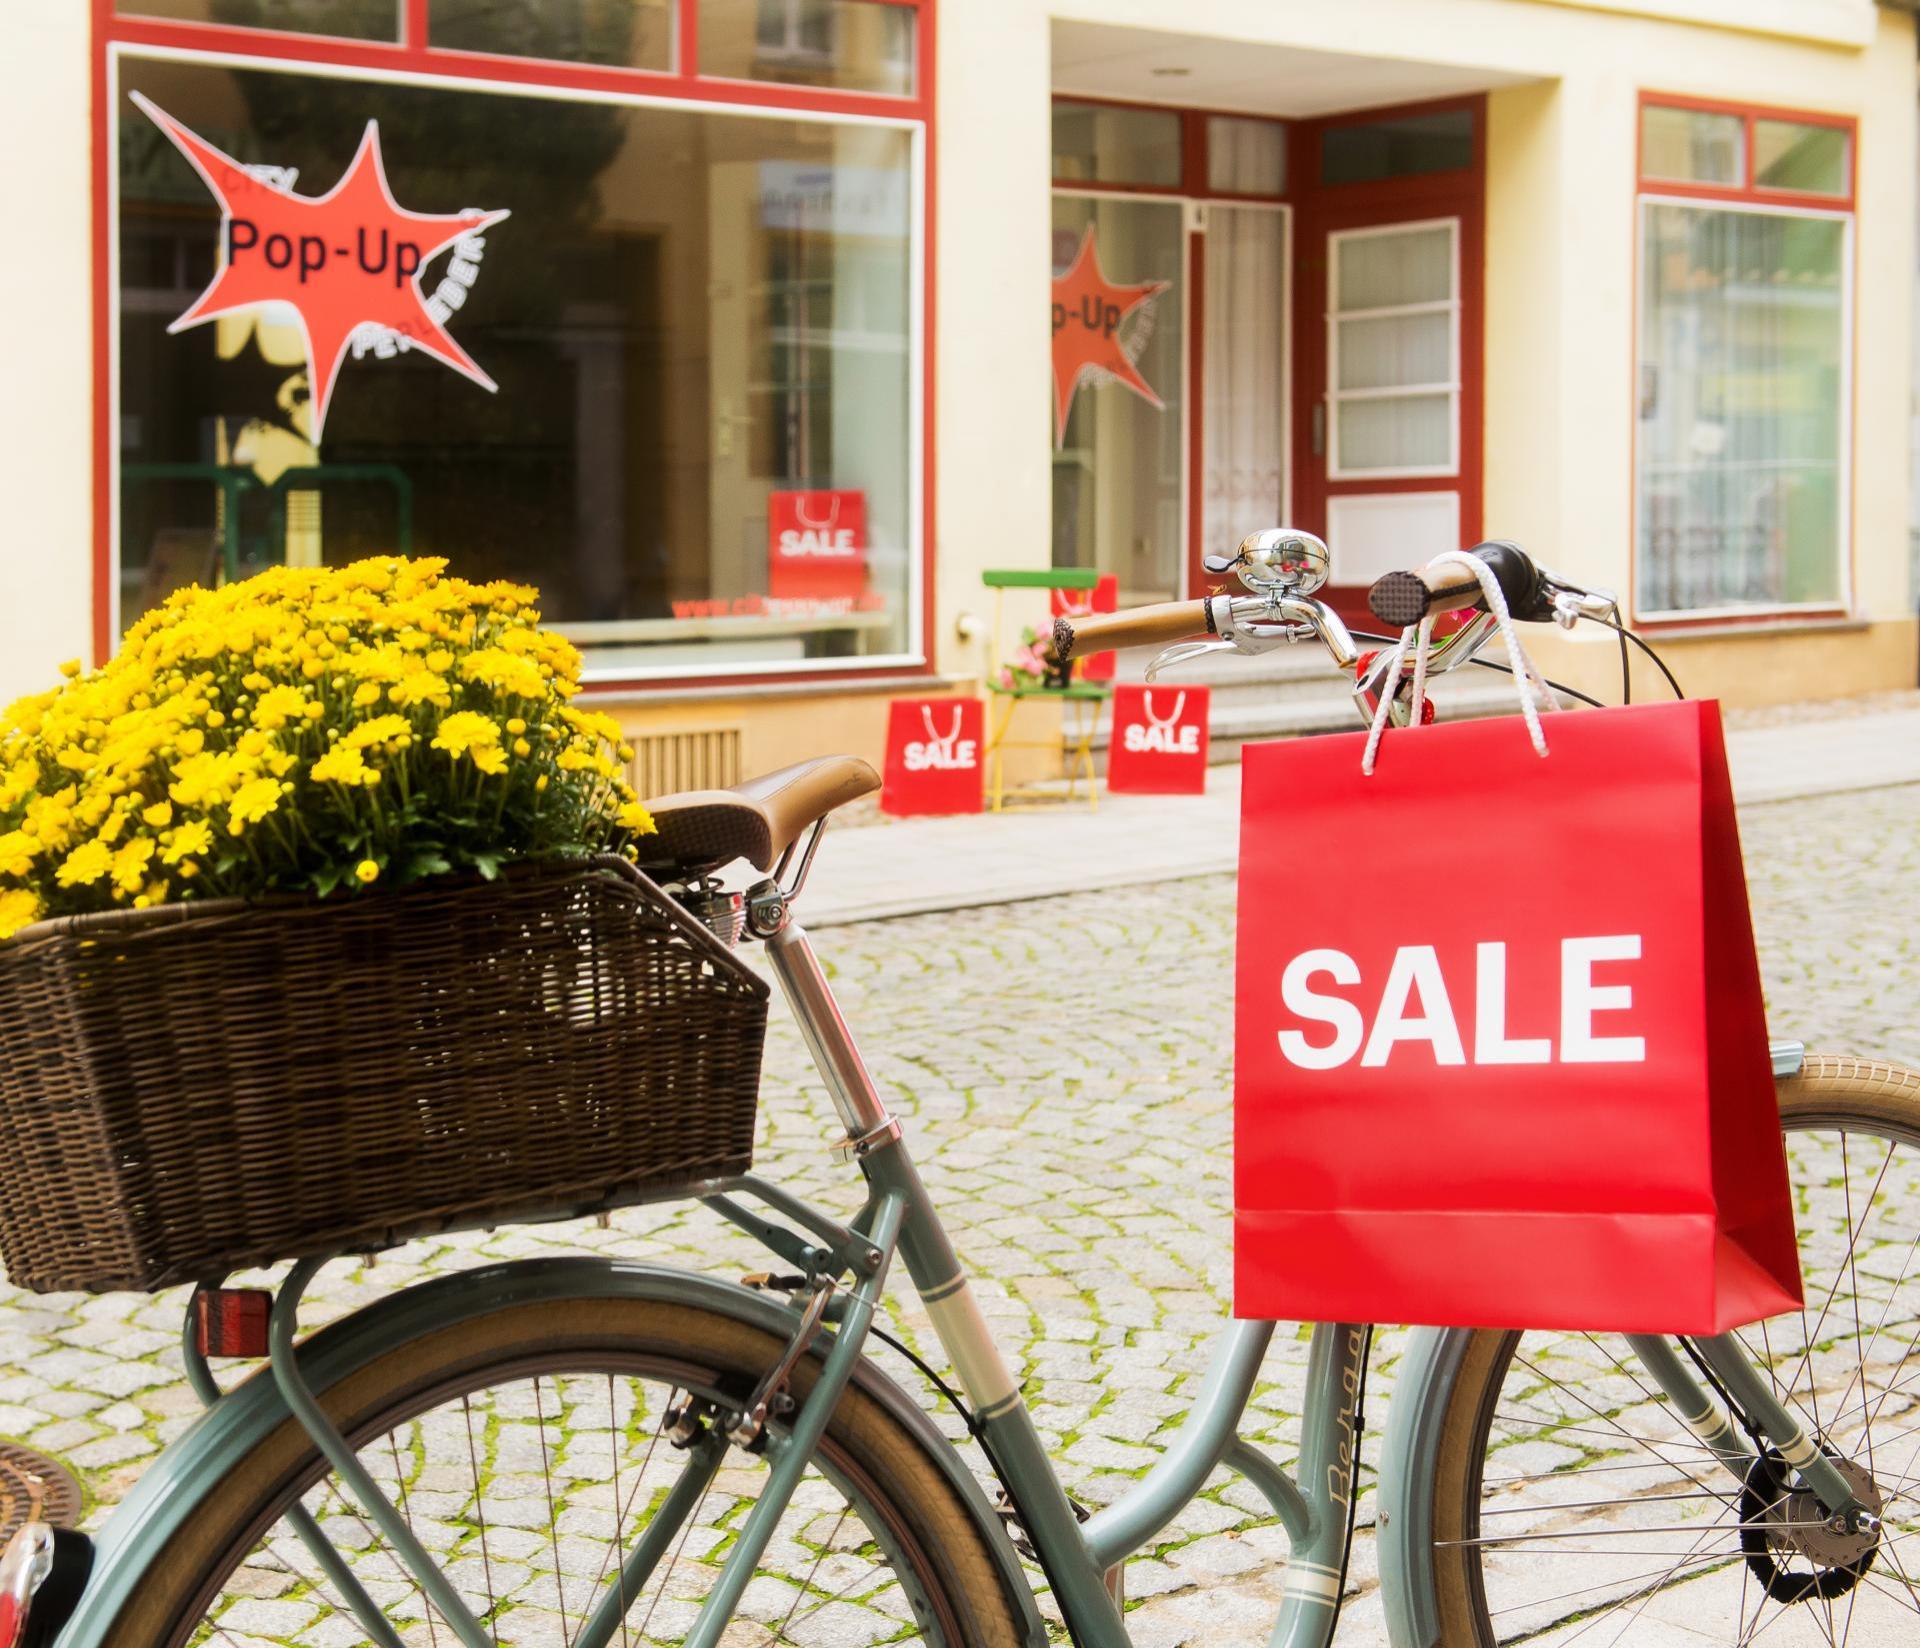 TGZ Prignitz | Fahrrad weist auf leerstehenden PopUp-Store in der Bäckerstraße